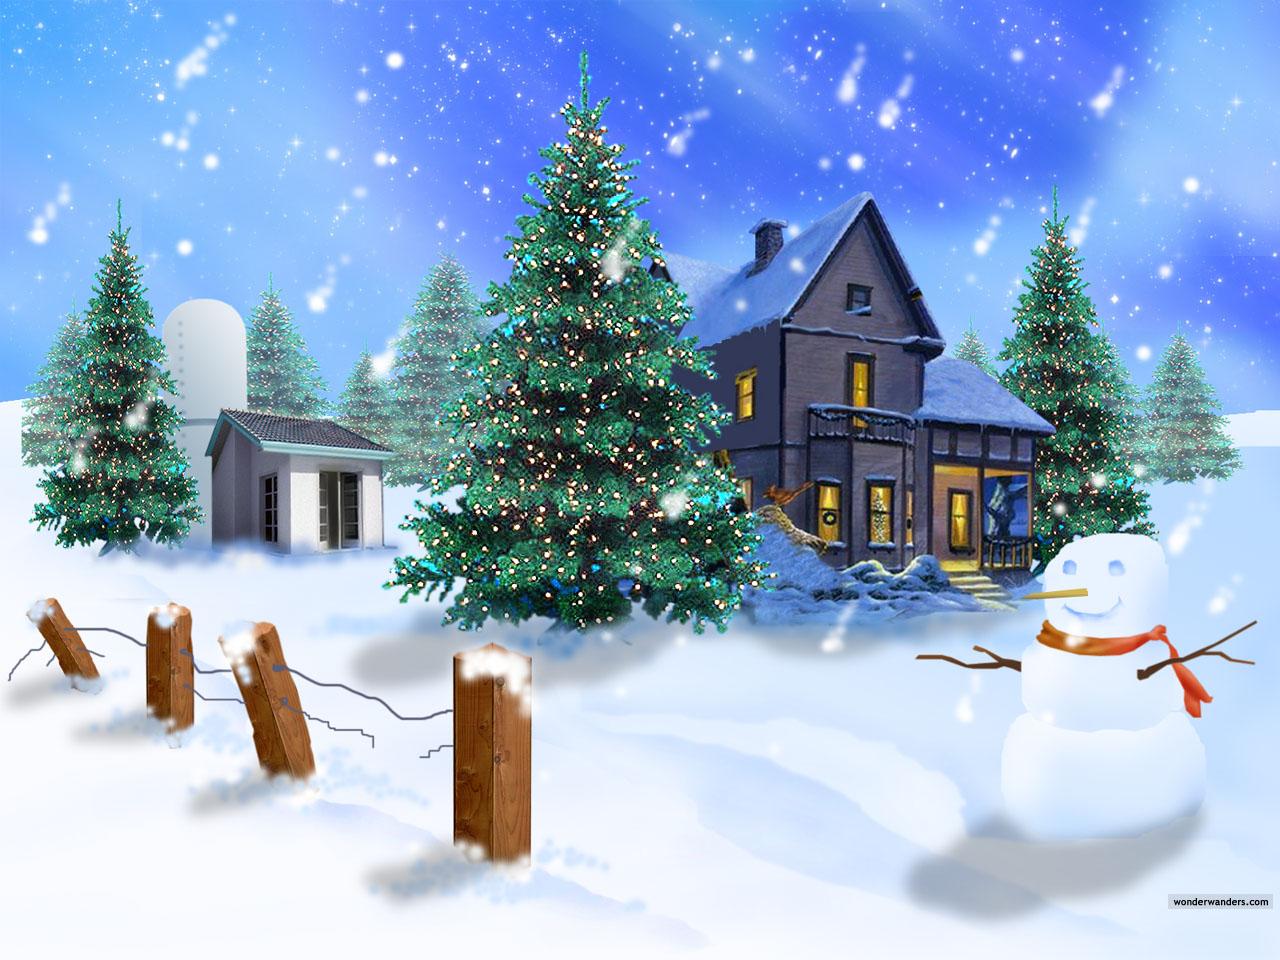 http://4.bp.blogspot.com/_J_RspXL6AY4/TRiFnIeBq3I/AAAAAAAAAVI/UZ0pojJM-Ec/s1600/christmas_wallpaper_3.jpg